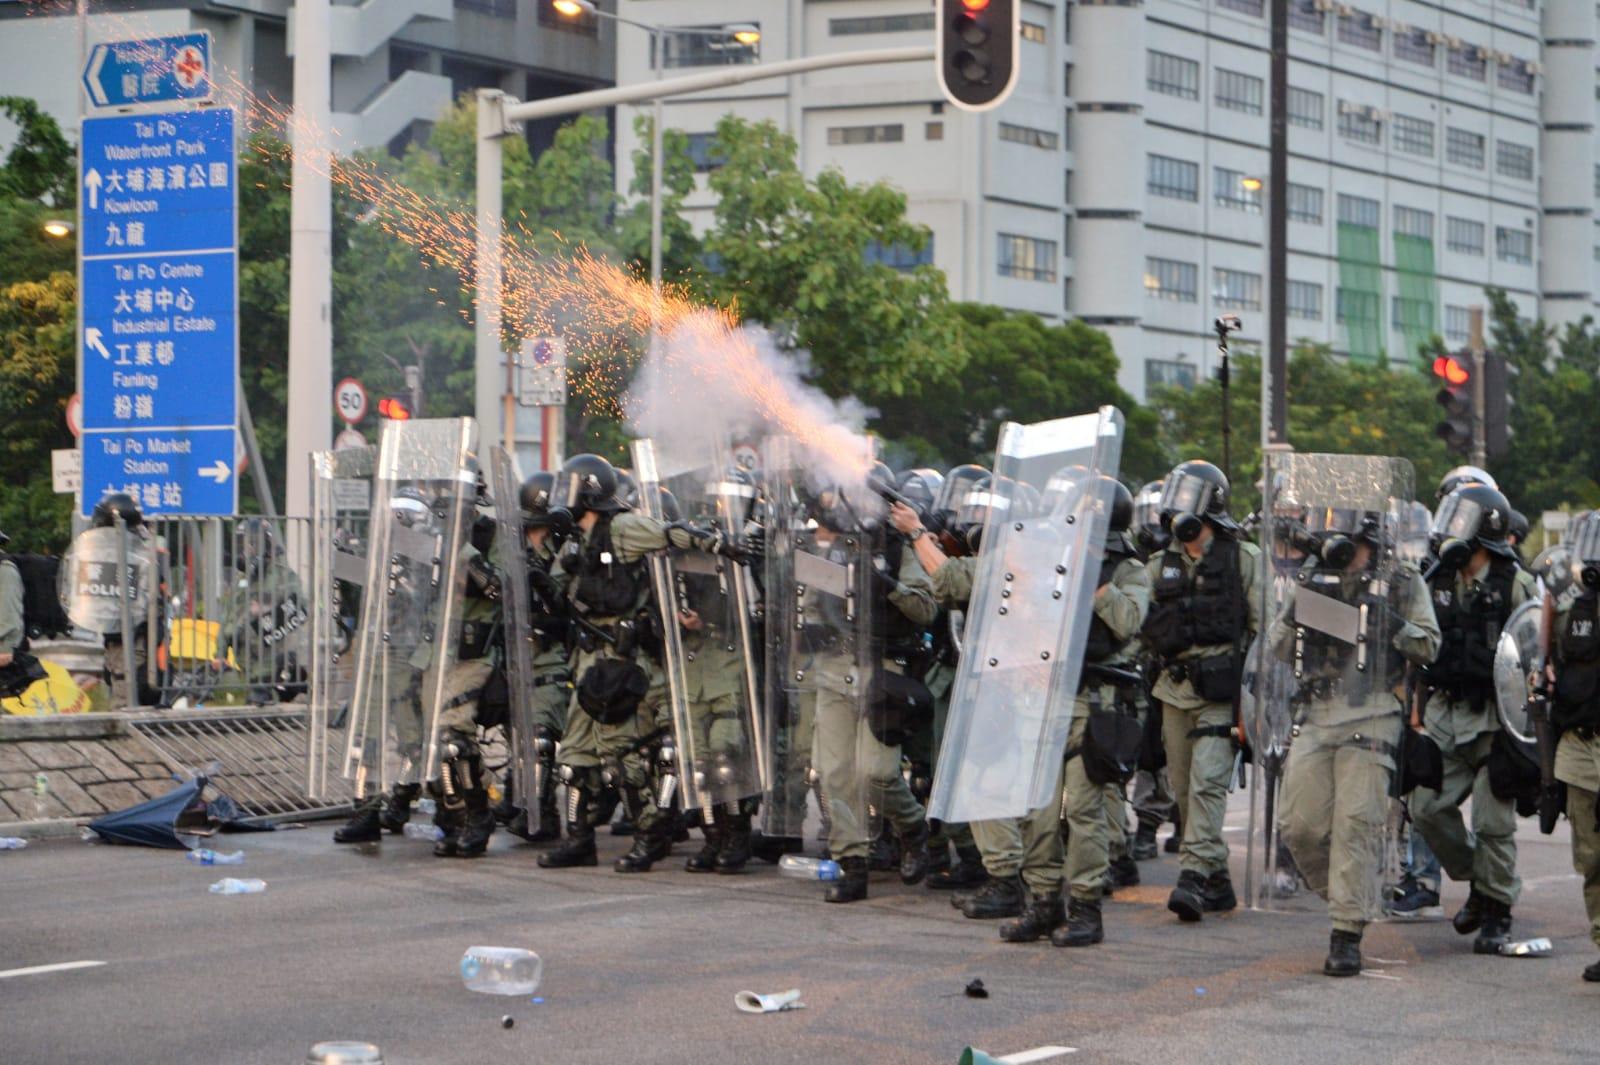 大批示威者在港九新界多個地區與防爆警察爆發激烈衝突